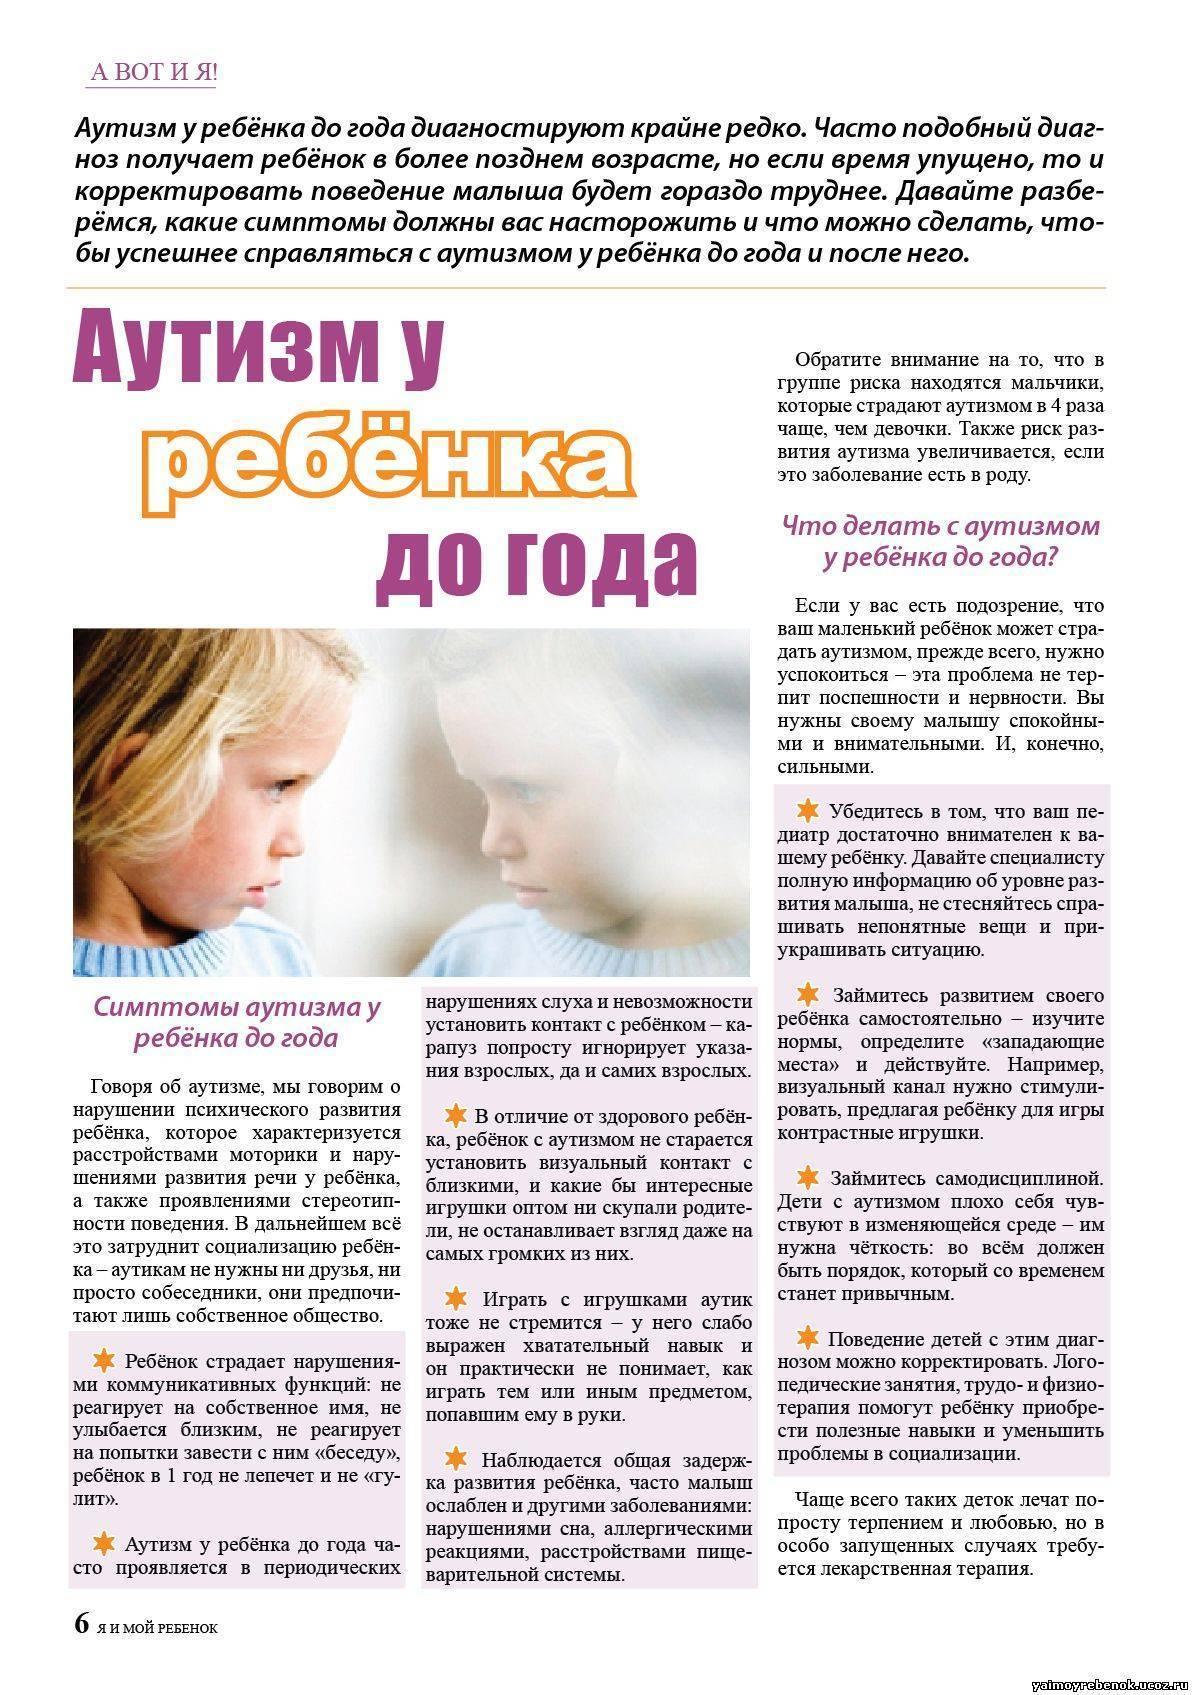 признаки аутизма в 2 года